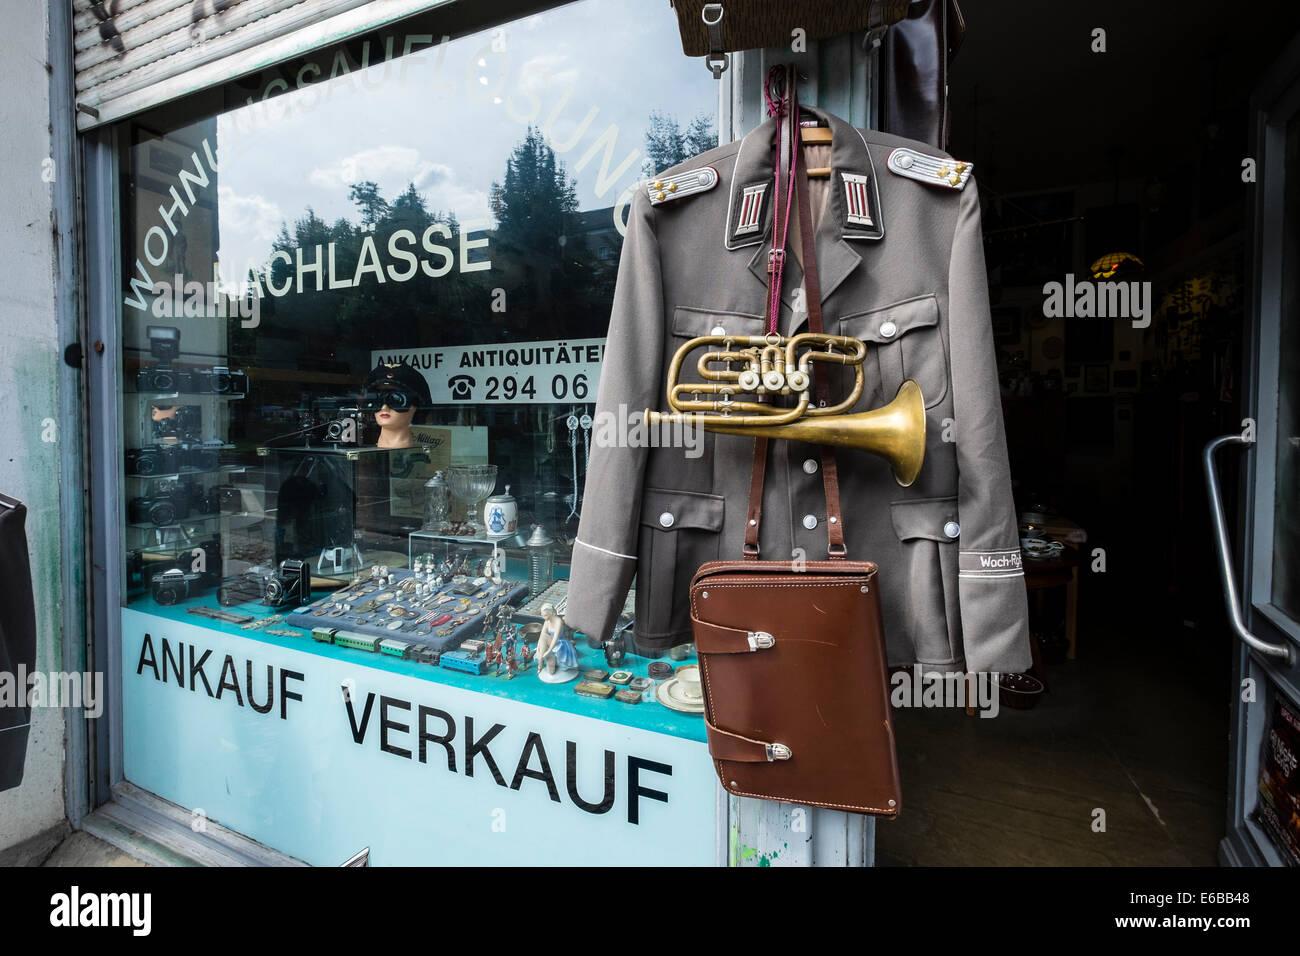 Tienda de antigüedades venta de artículos militares, en el distrito de Friedrichshain de Berlín, Imagen De Stock